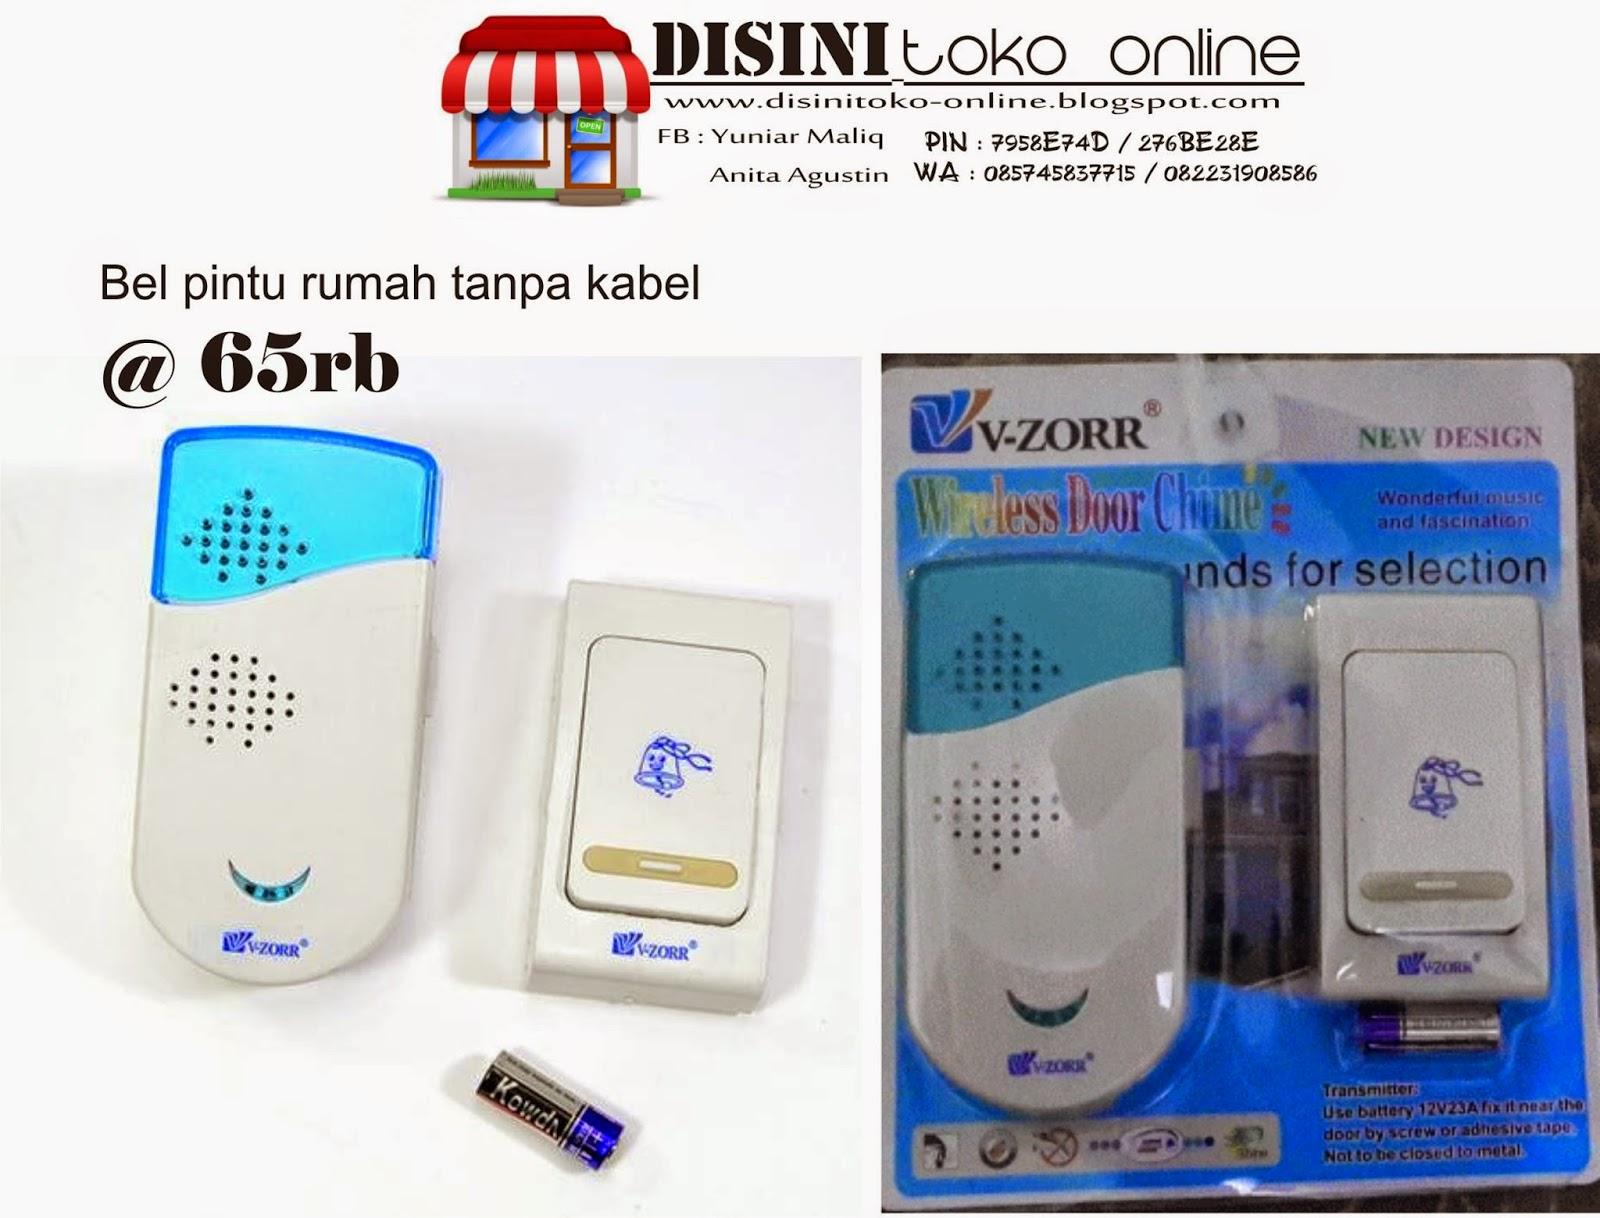 Disini Toko Online November 2014 Vzorr Bel Pintu Wireless Makanya Buruan Cobain Sendiri Deh